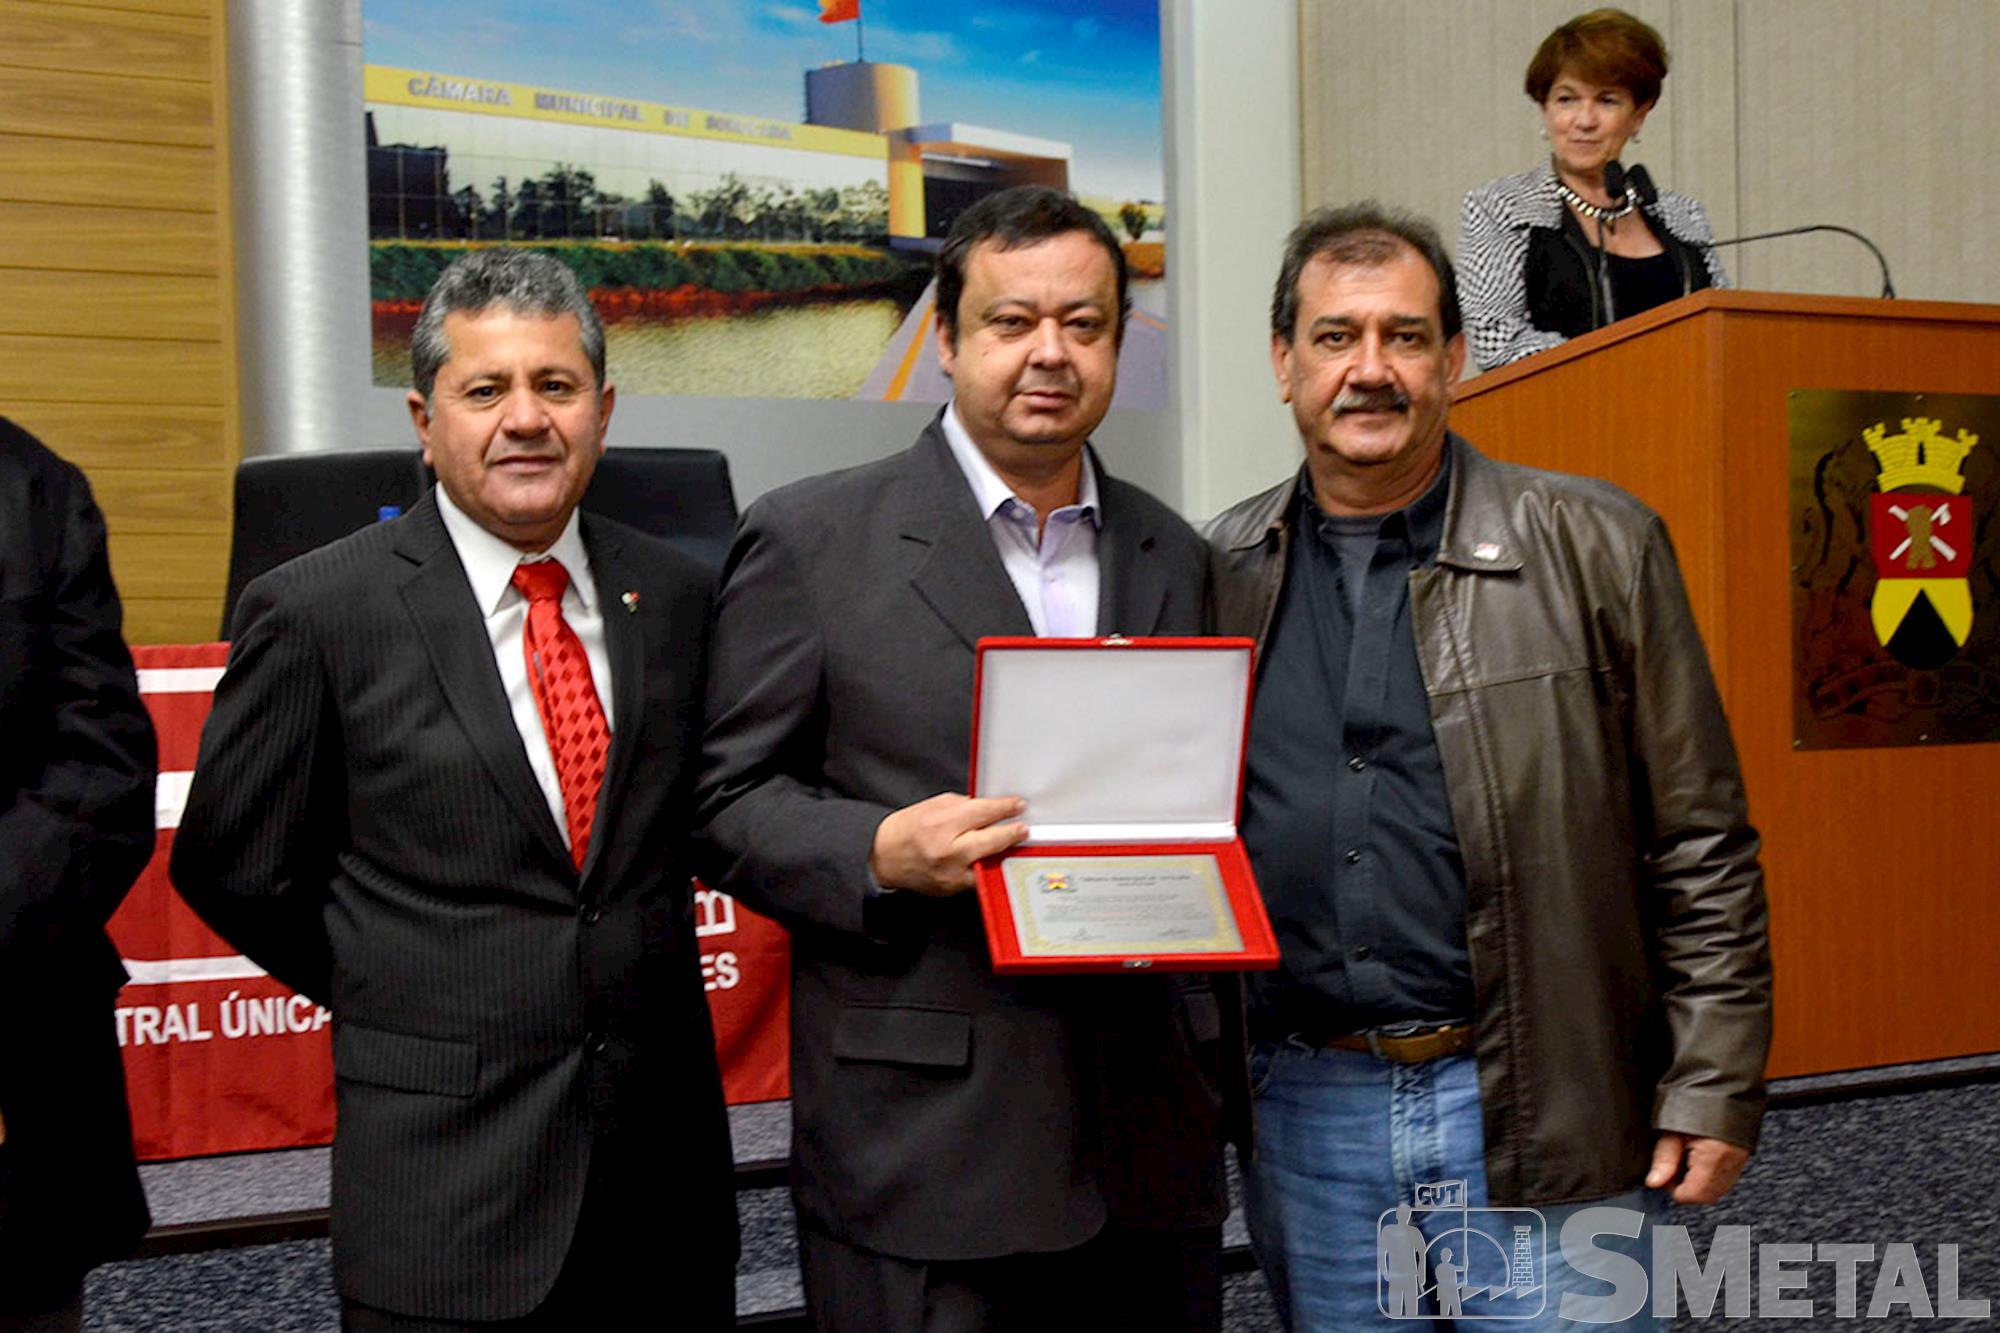 Ao lado de Izídio,  o vereador Francisco França (centro) entrega placa comemorativa ao secretário-geral da CUT São Paulo,  Sebastião Cardozo, Sessão Solene na Câmara de Sorocaba comemora 30 anos de CUT